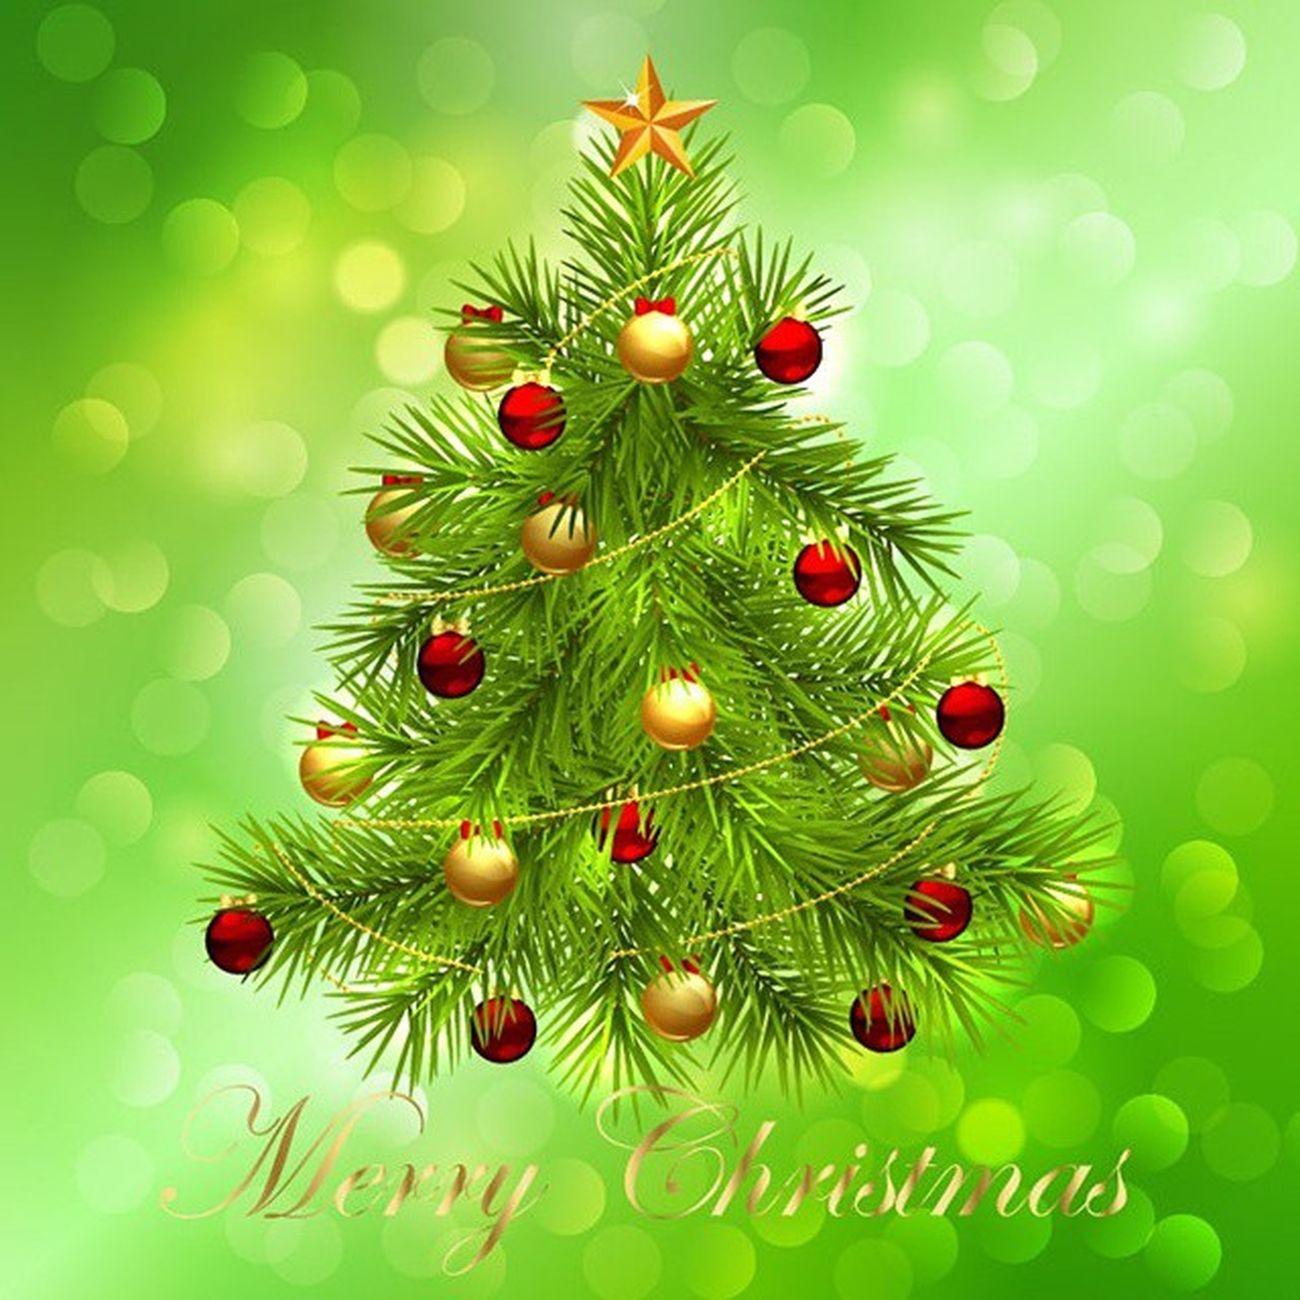 सभी को क्रिसमस दिवस पर हार्दिक शुभकामनाएं। MerryChristmas Christmas HappyMerryChristmas Happychristmas .